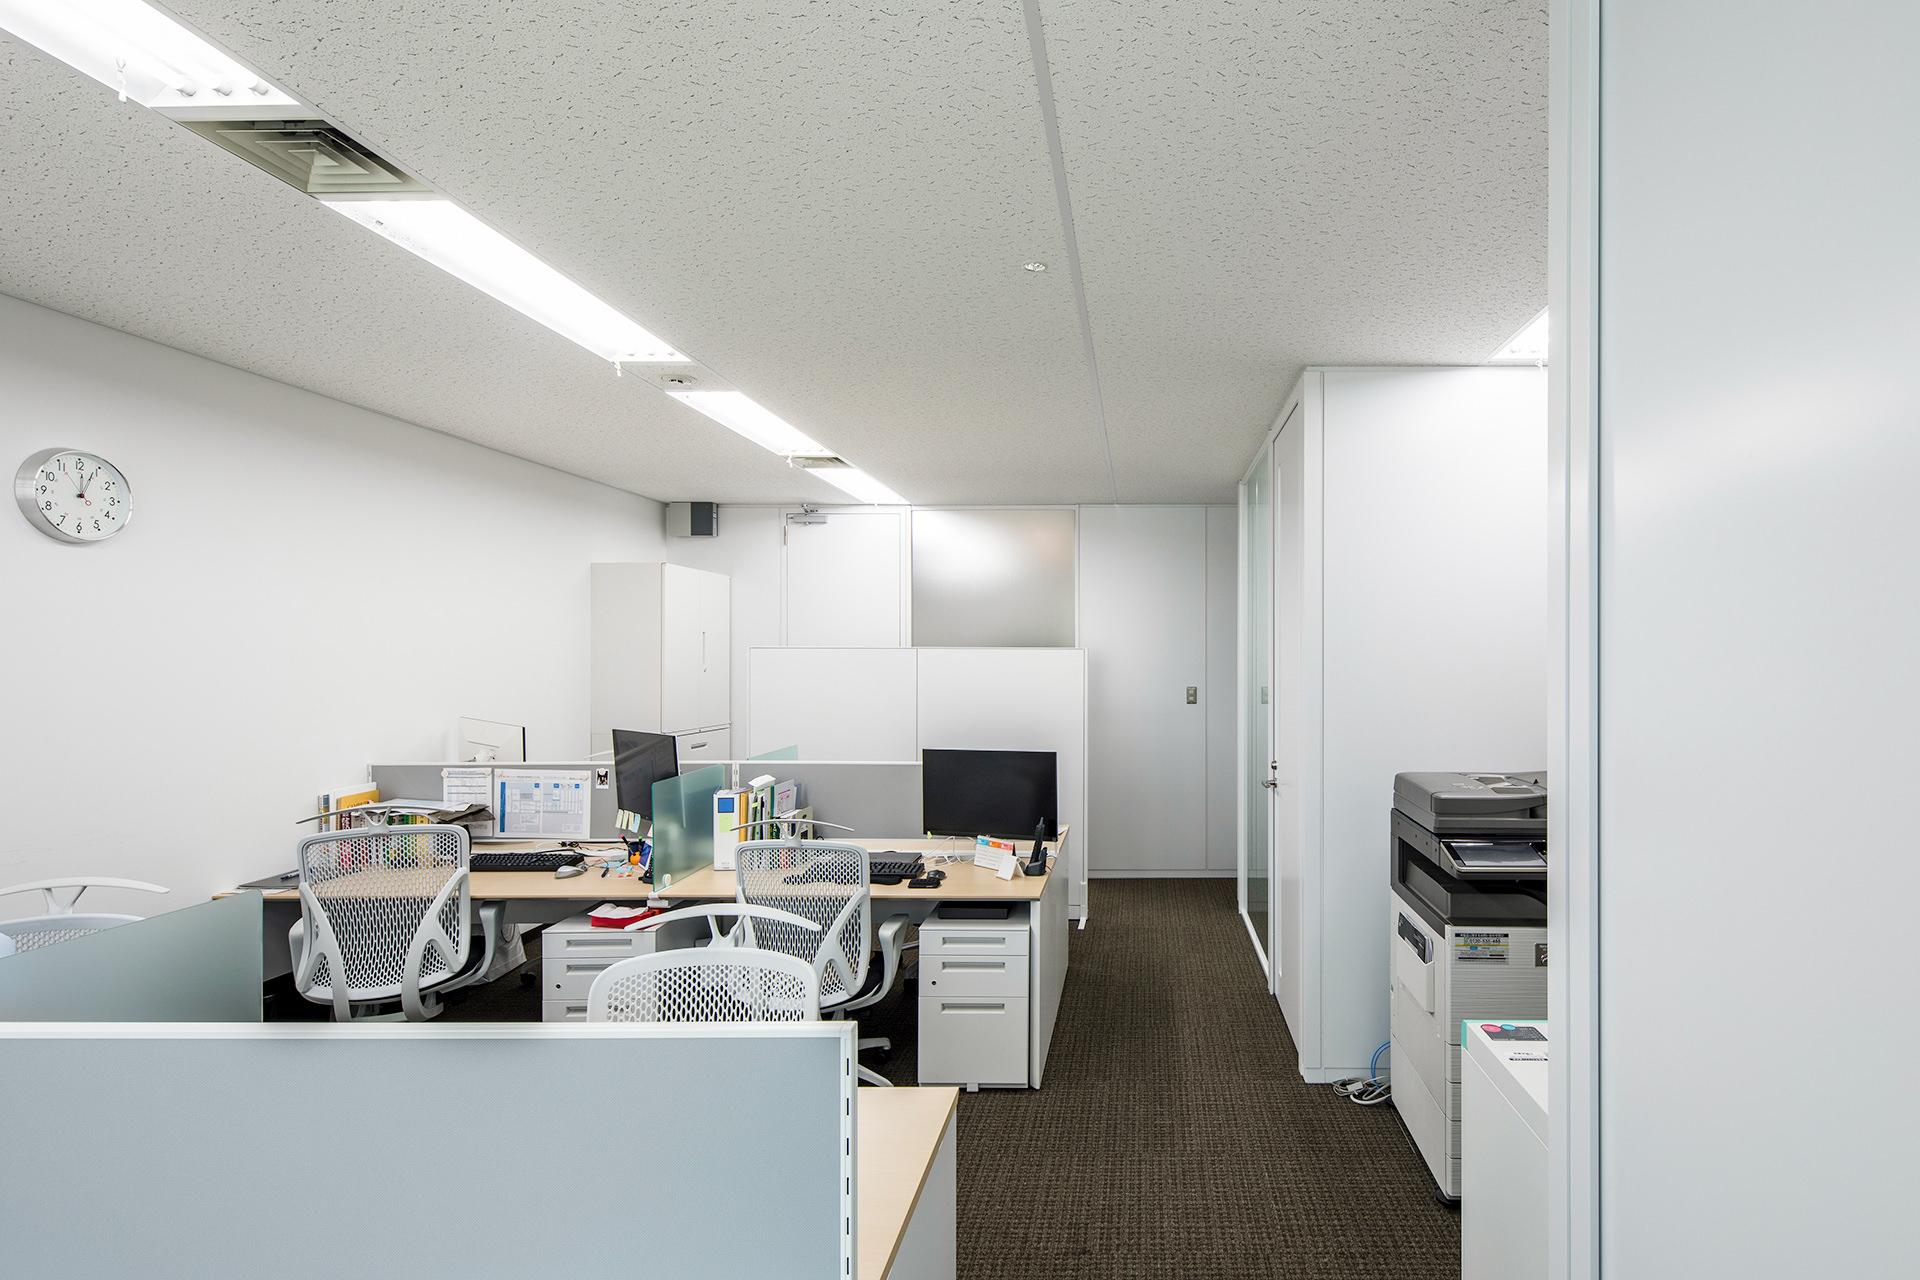 「日本バイオガスデベロップメント」オフィス竣工撮影の事例09